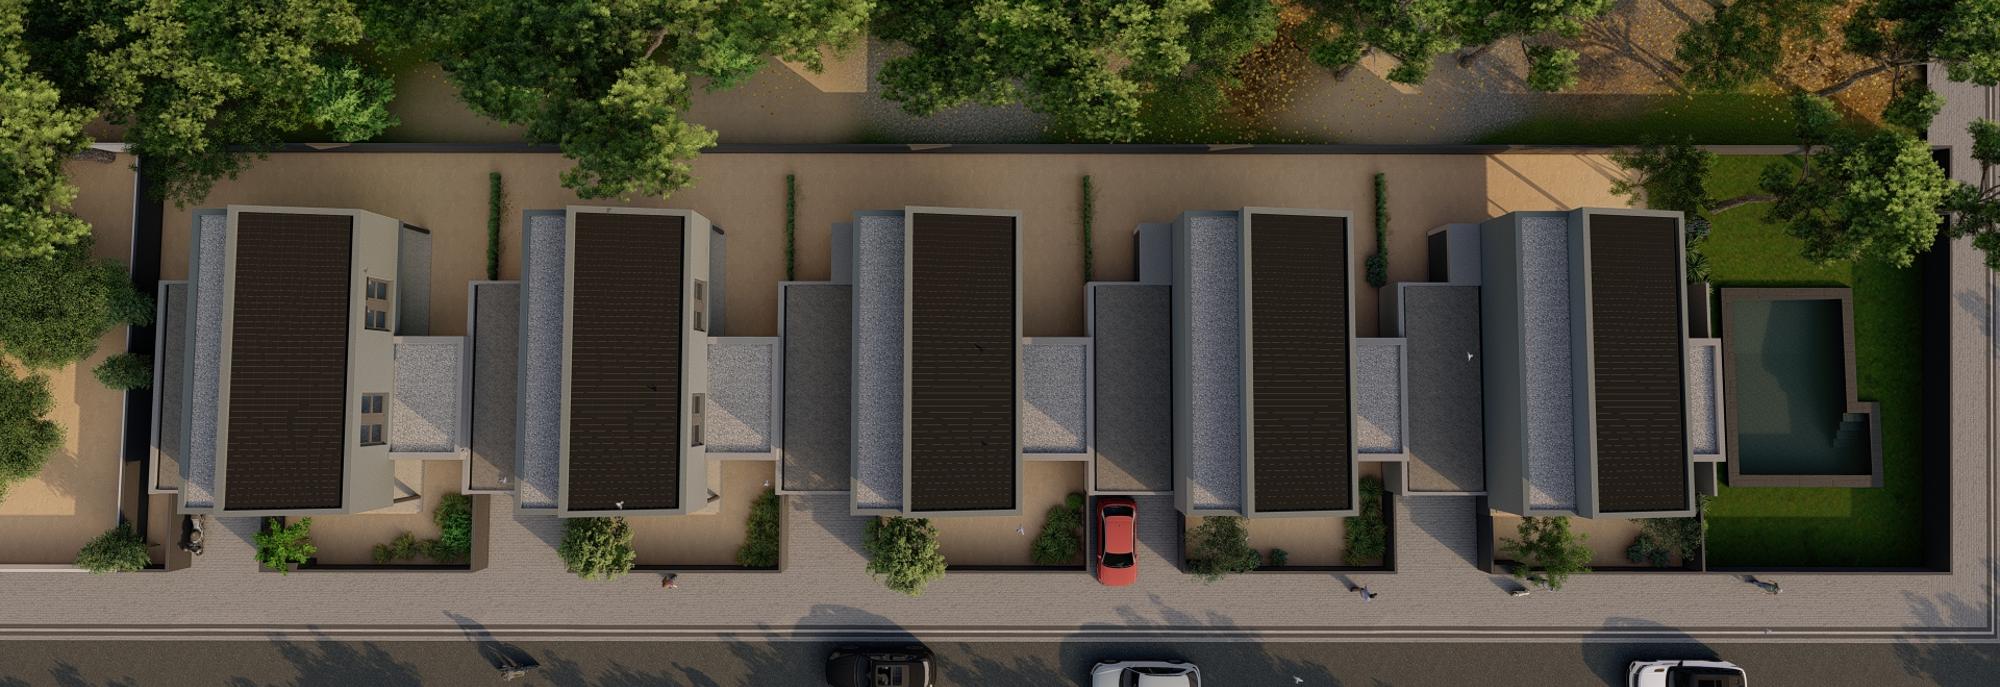 casas unifamiliares en vista cenital